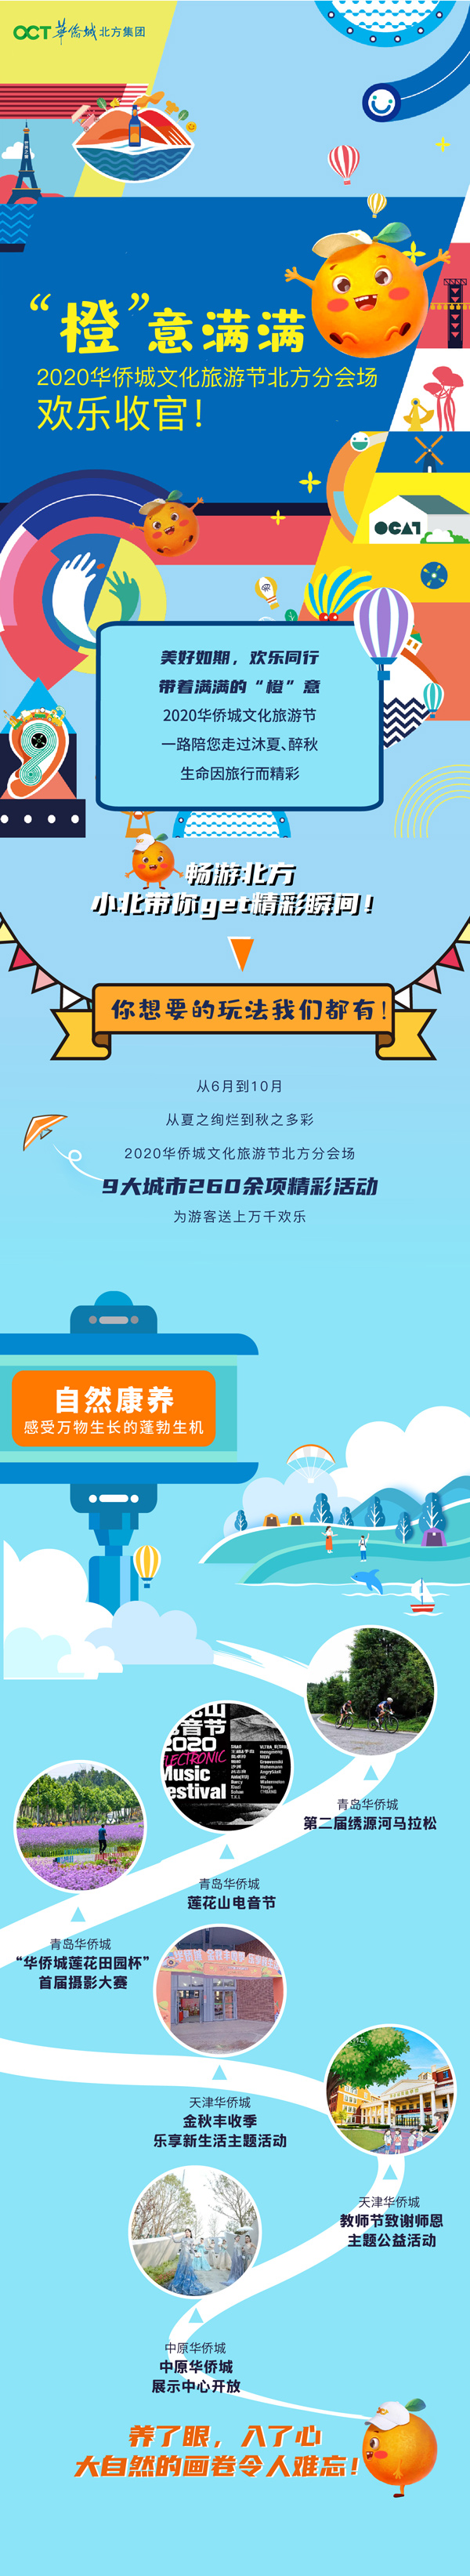 2020华侨城文化旅游节北方分会场欢乐收官 文旅活动亮点纷呈